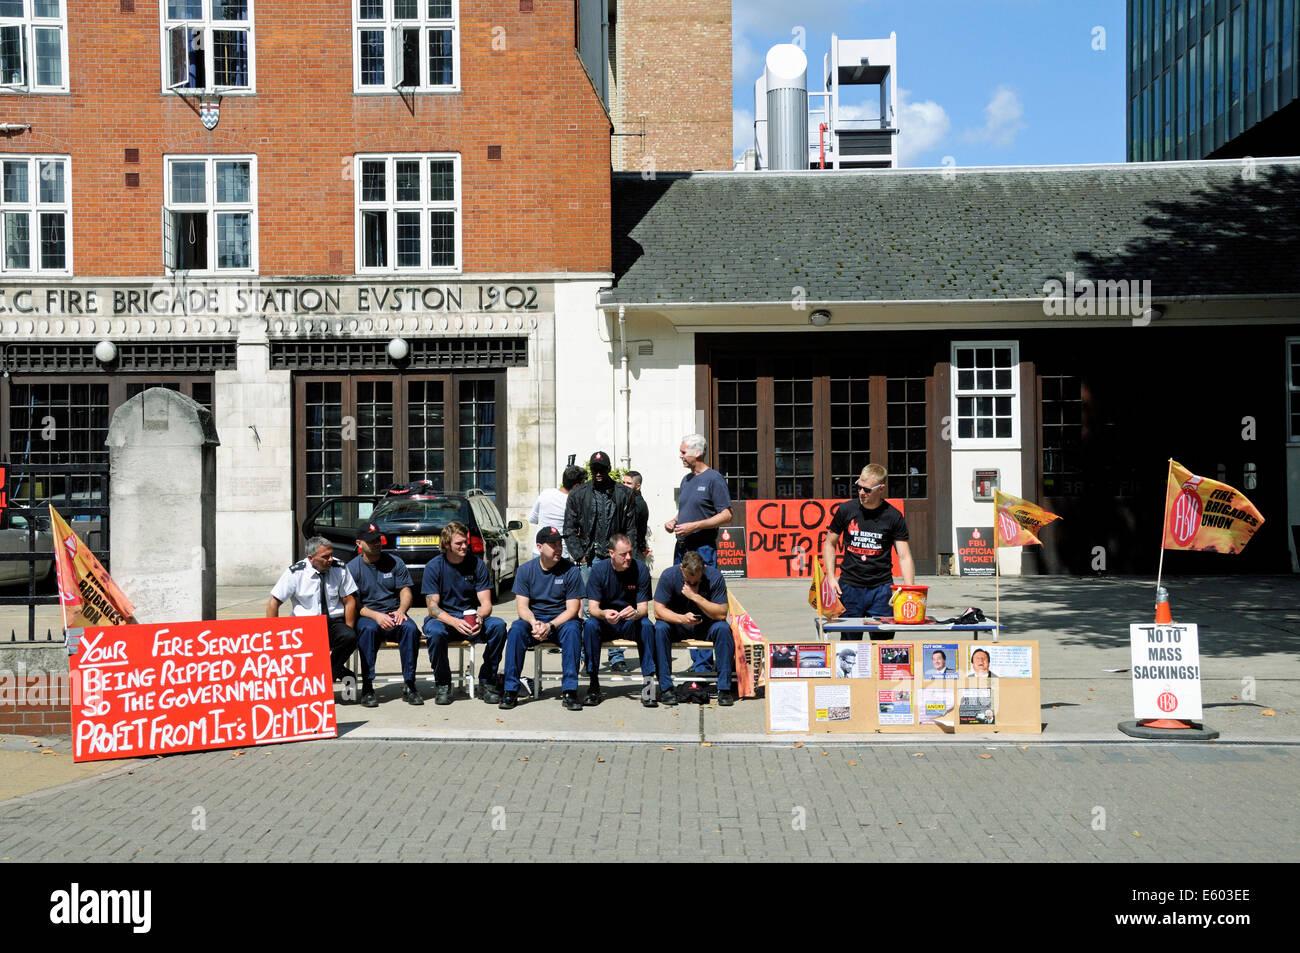 Streikende Feuerwehrleute auf Streikposten vor der Feuerwache Euston Road Central London, England Großbritannien Samstag, 9. August 2014 Stockfoto